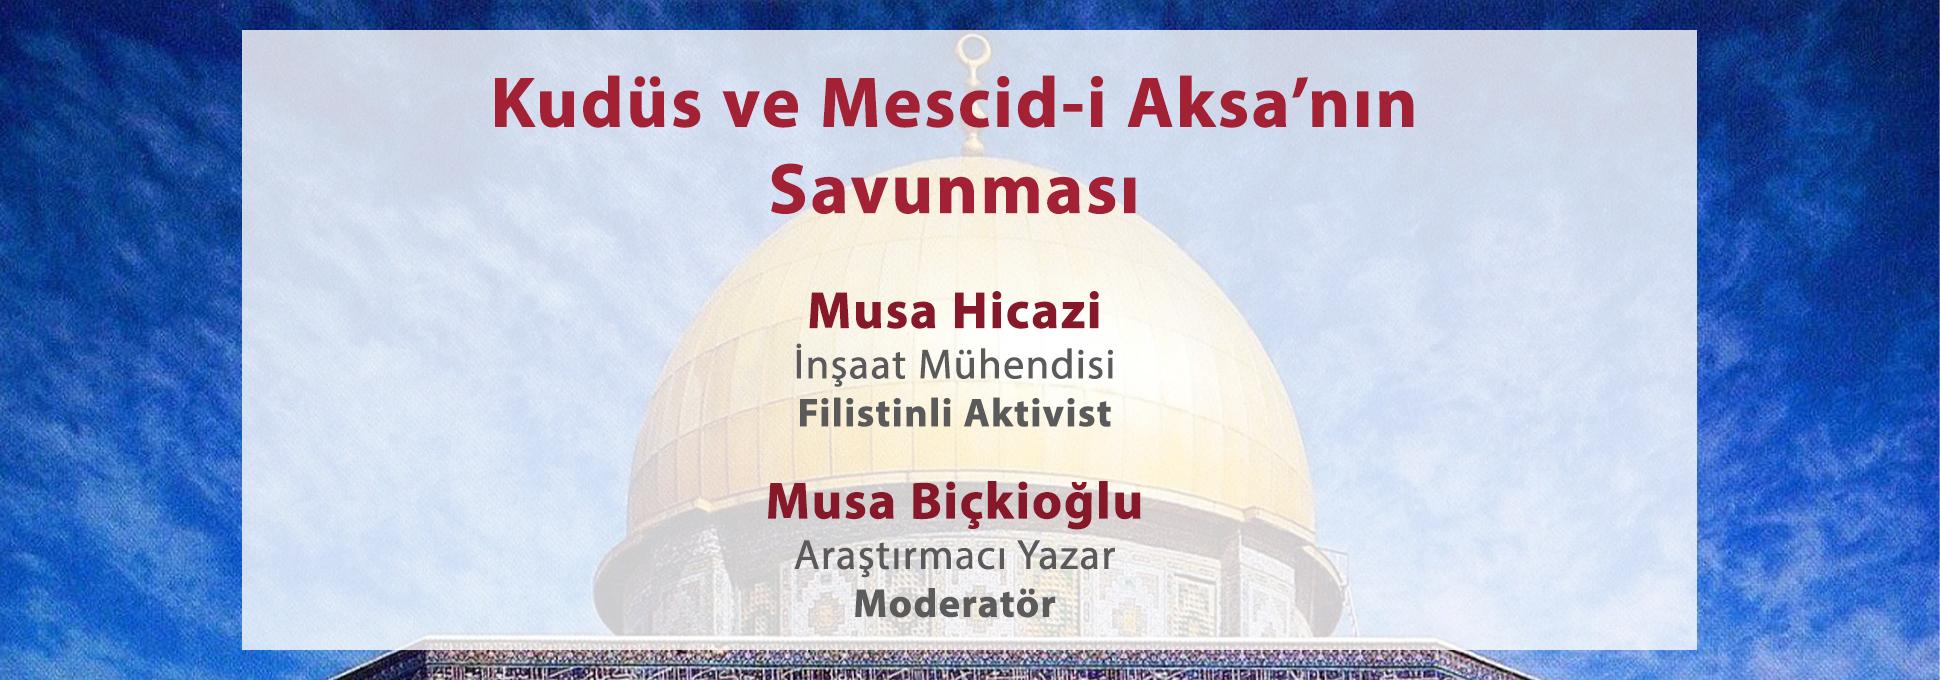 Kudüs ve Mescid-i Aksa'nın Savunması